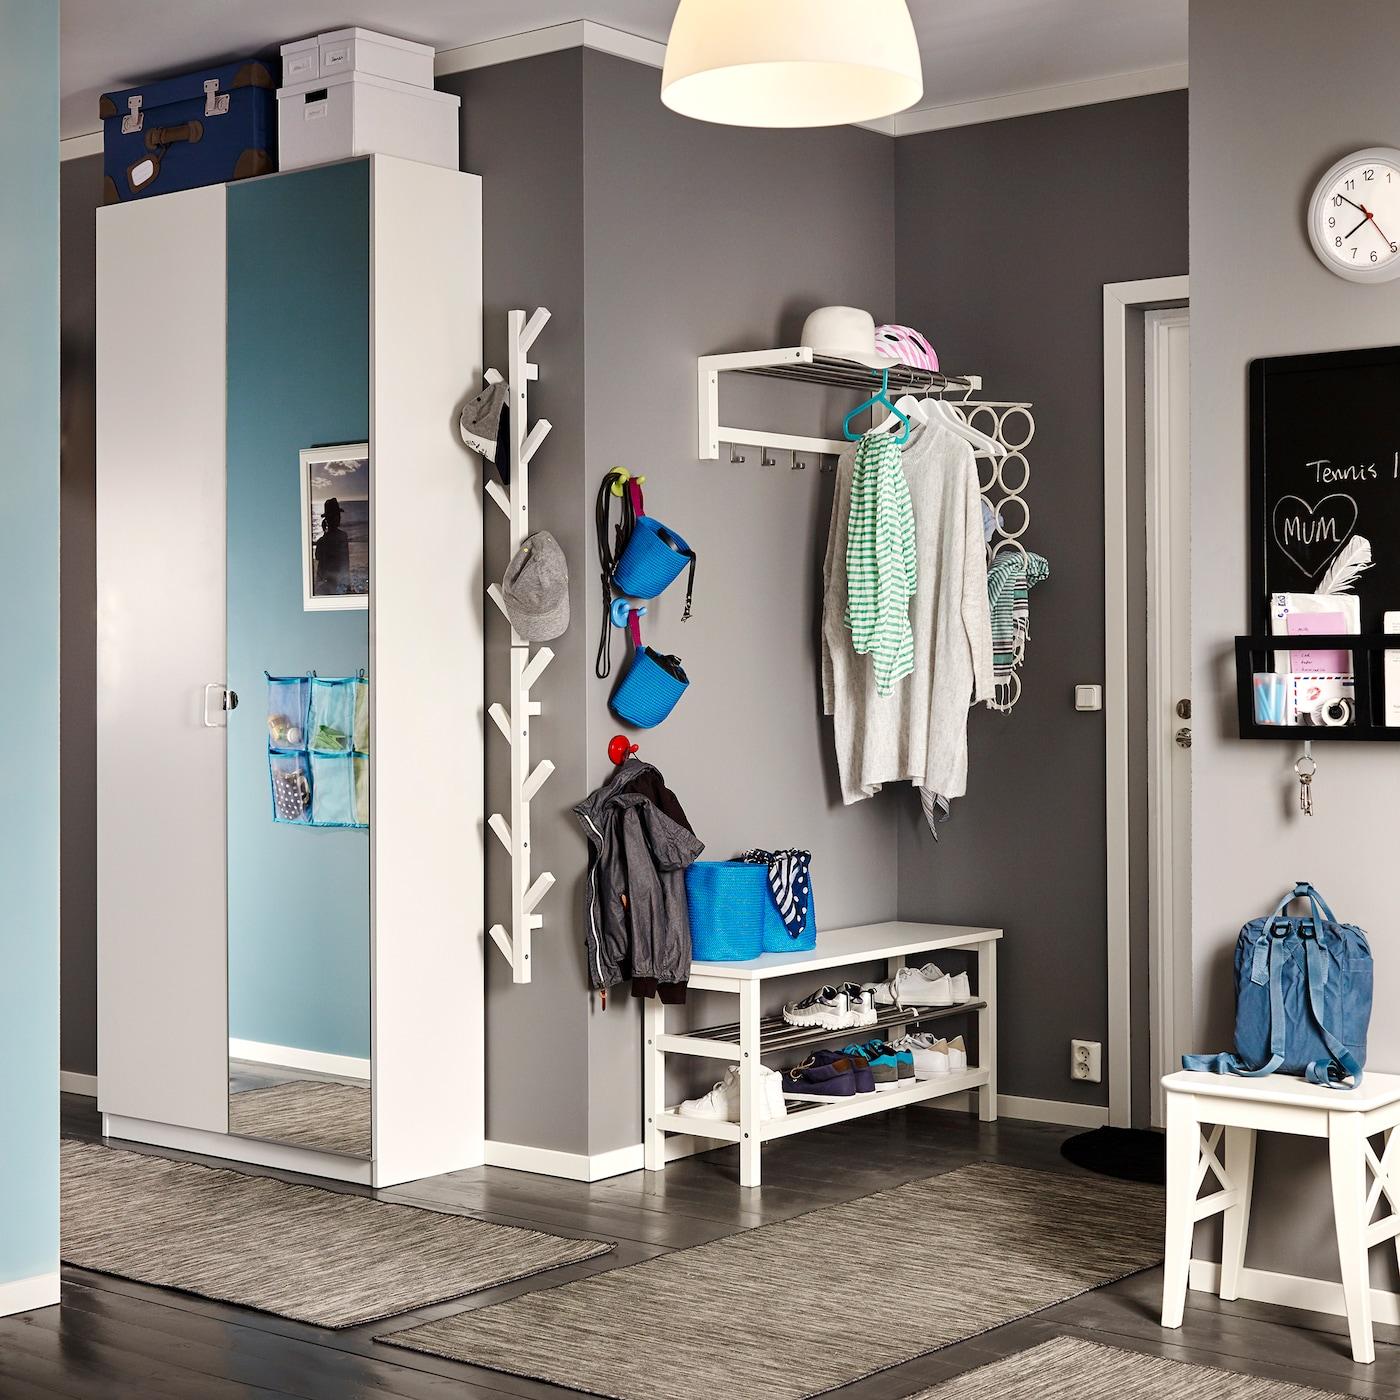 In Deinem Kleideraufbewahrung Flur Ikea In Kleideraufbewahrung Deinem dBeorCxW